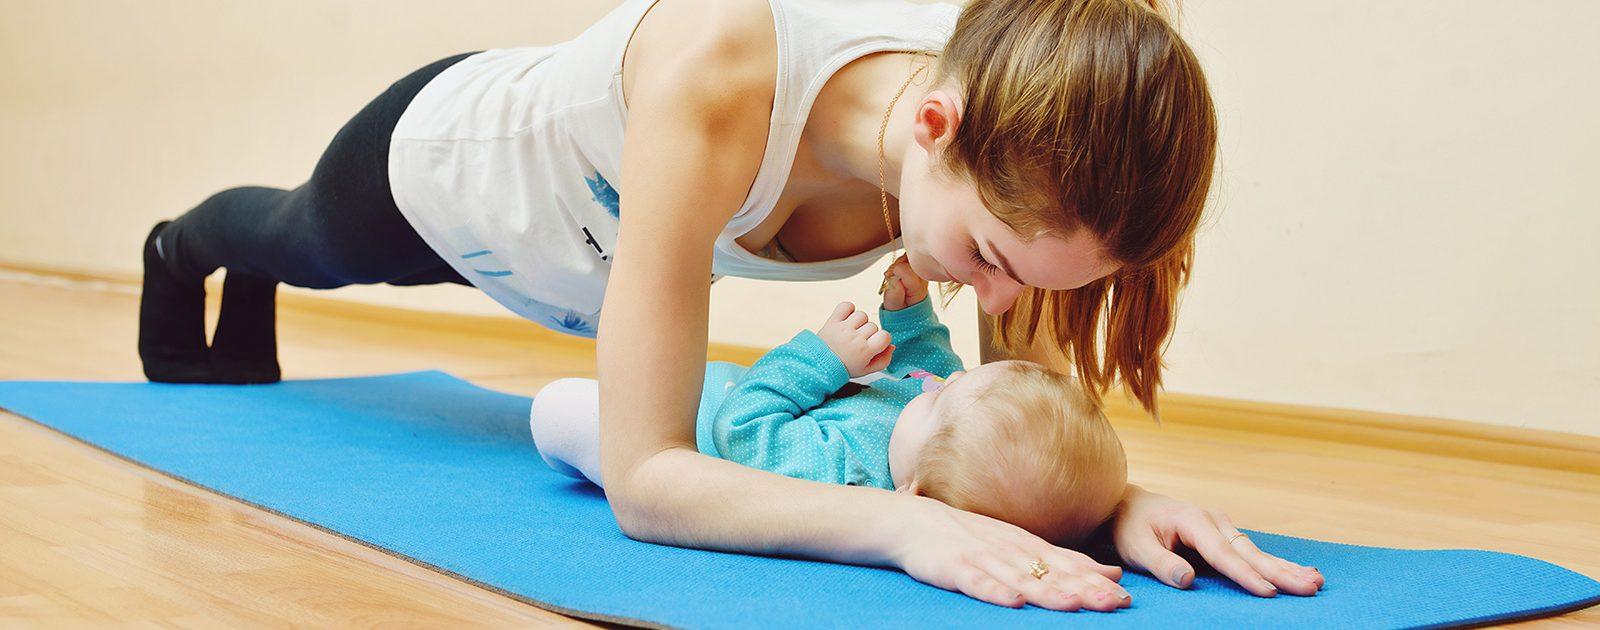 Mutter macht Sport mit ihrem Baby, um ihre alte Figur zurück zu bekommen